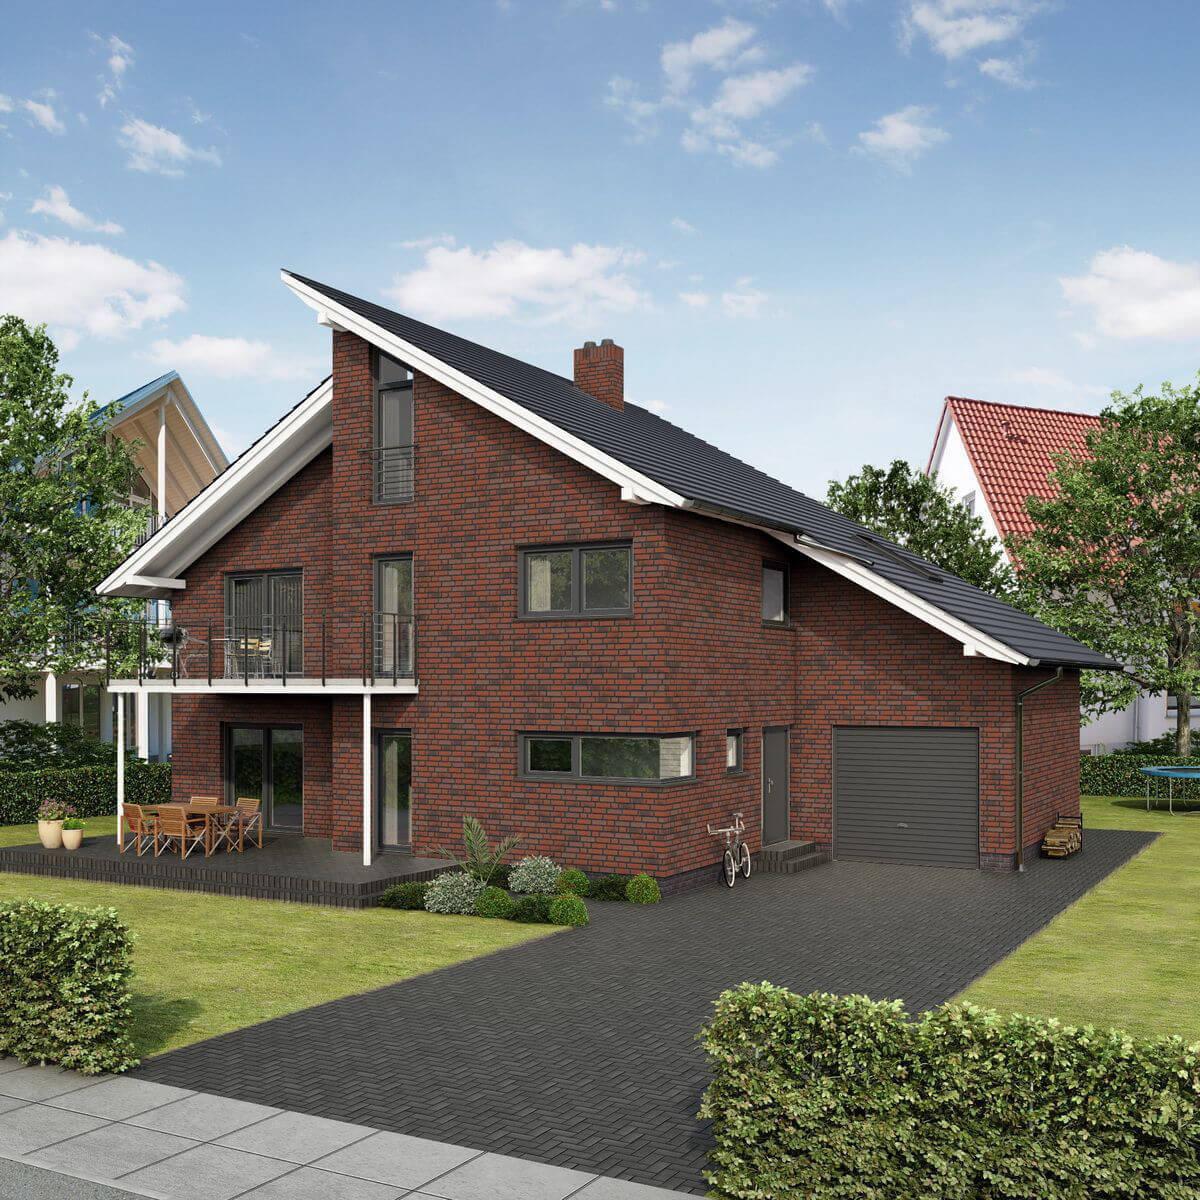 Feldhaus Klinker - R788NF9, Classic Planto Ardor Venito, 240x9x71 - Клинкерная плитка для фасада и внутренней отделки